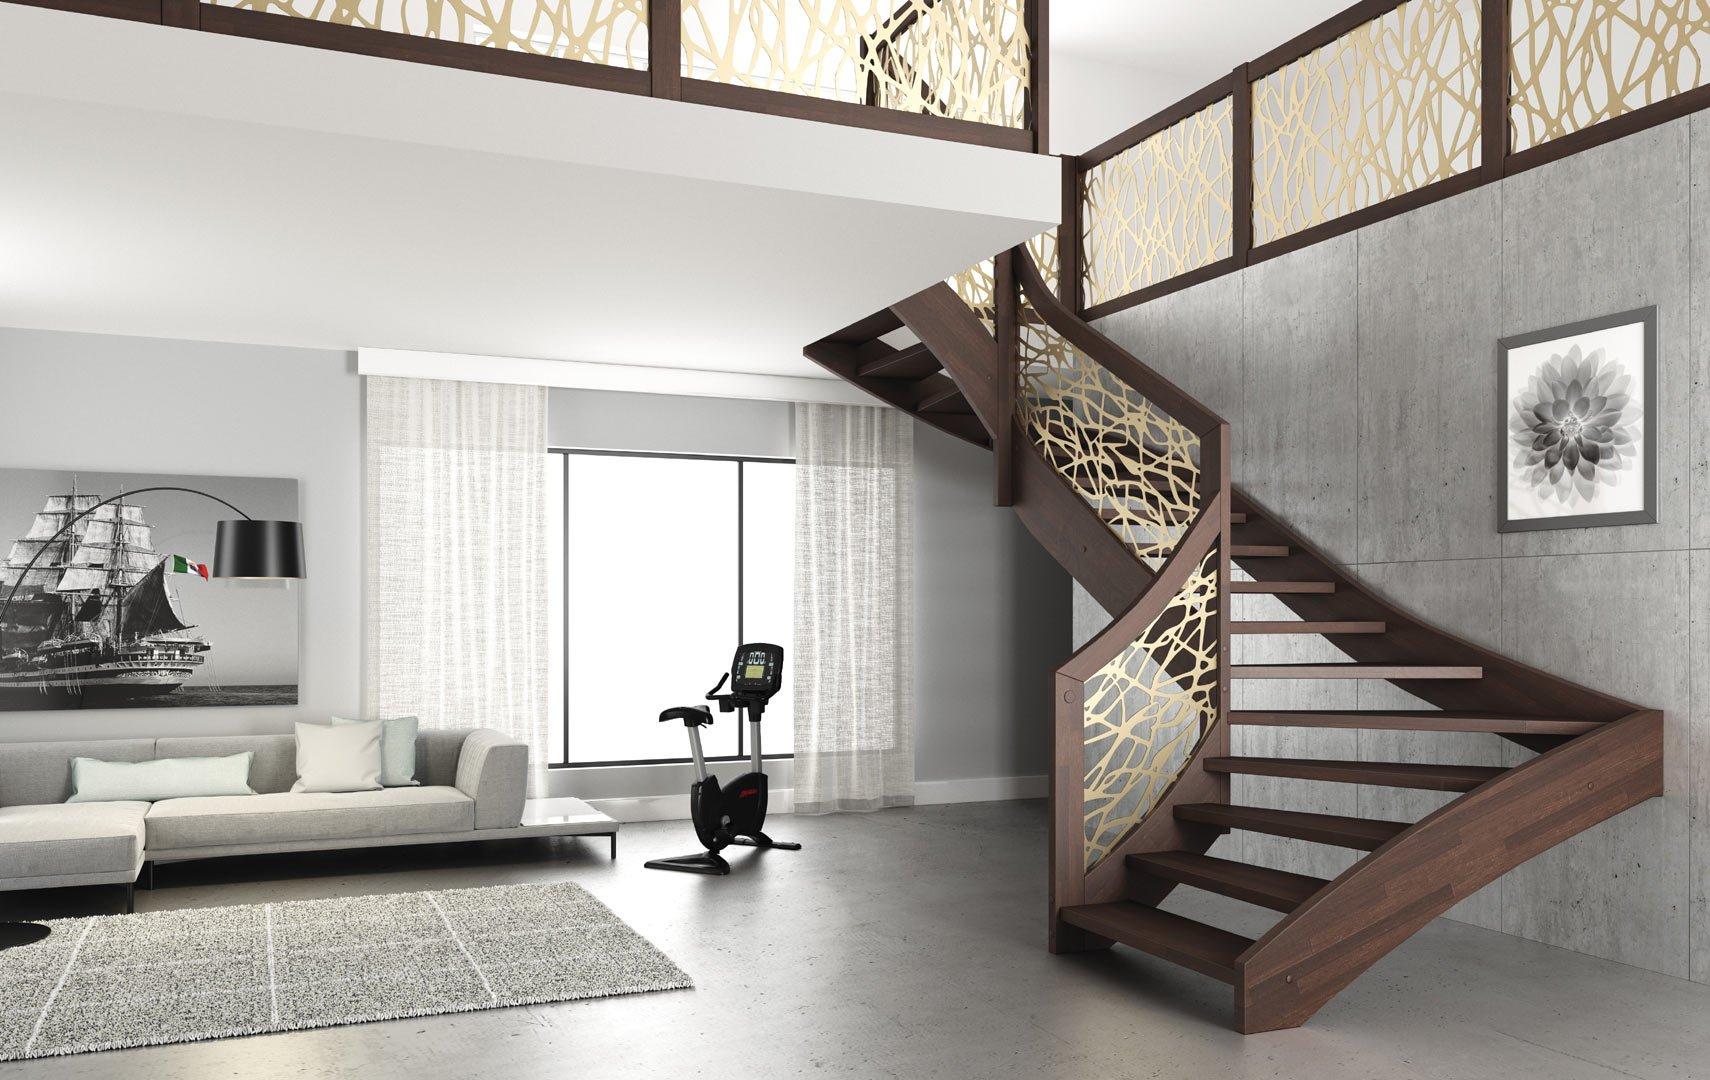 Arredare con le scale consigli e idee per realizzare scale da interni bellissime mamme a spillo - Scale per appartamenti ...